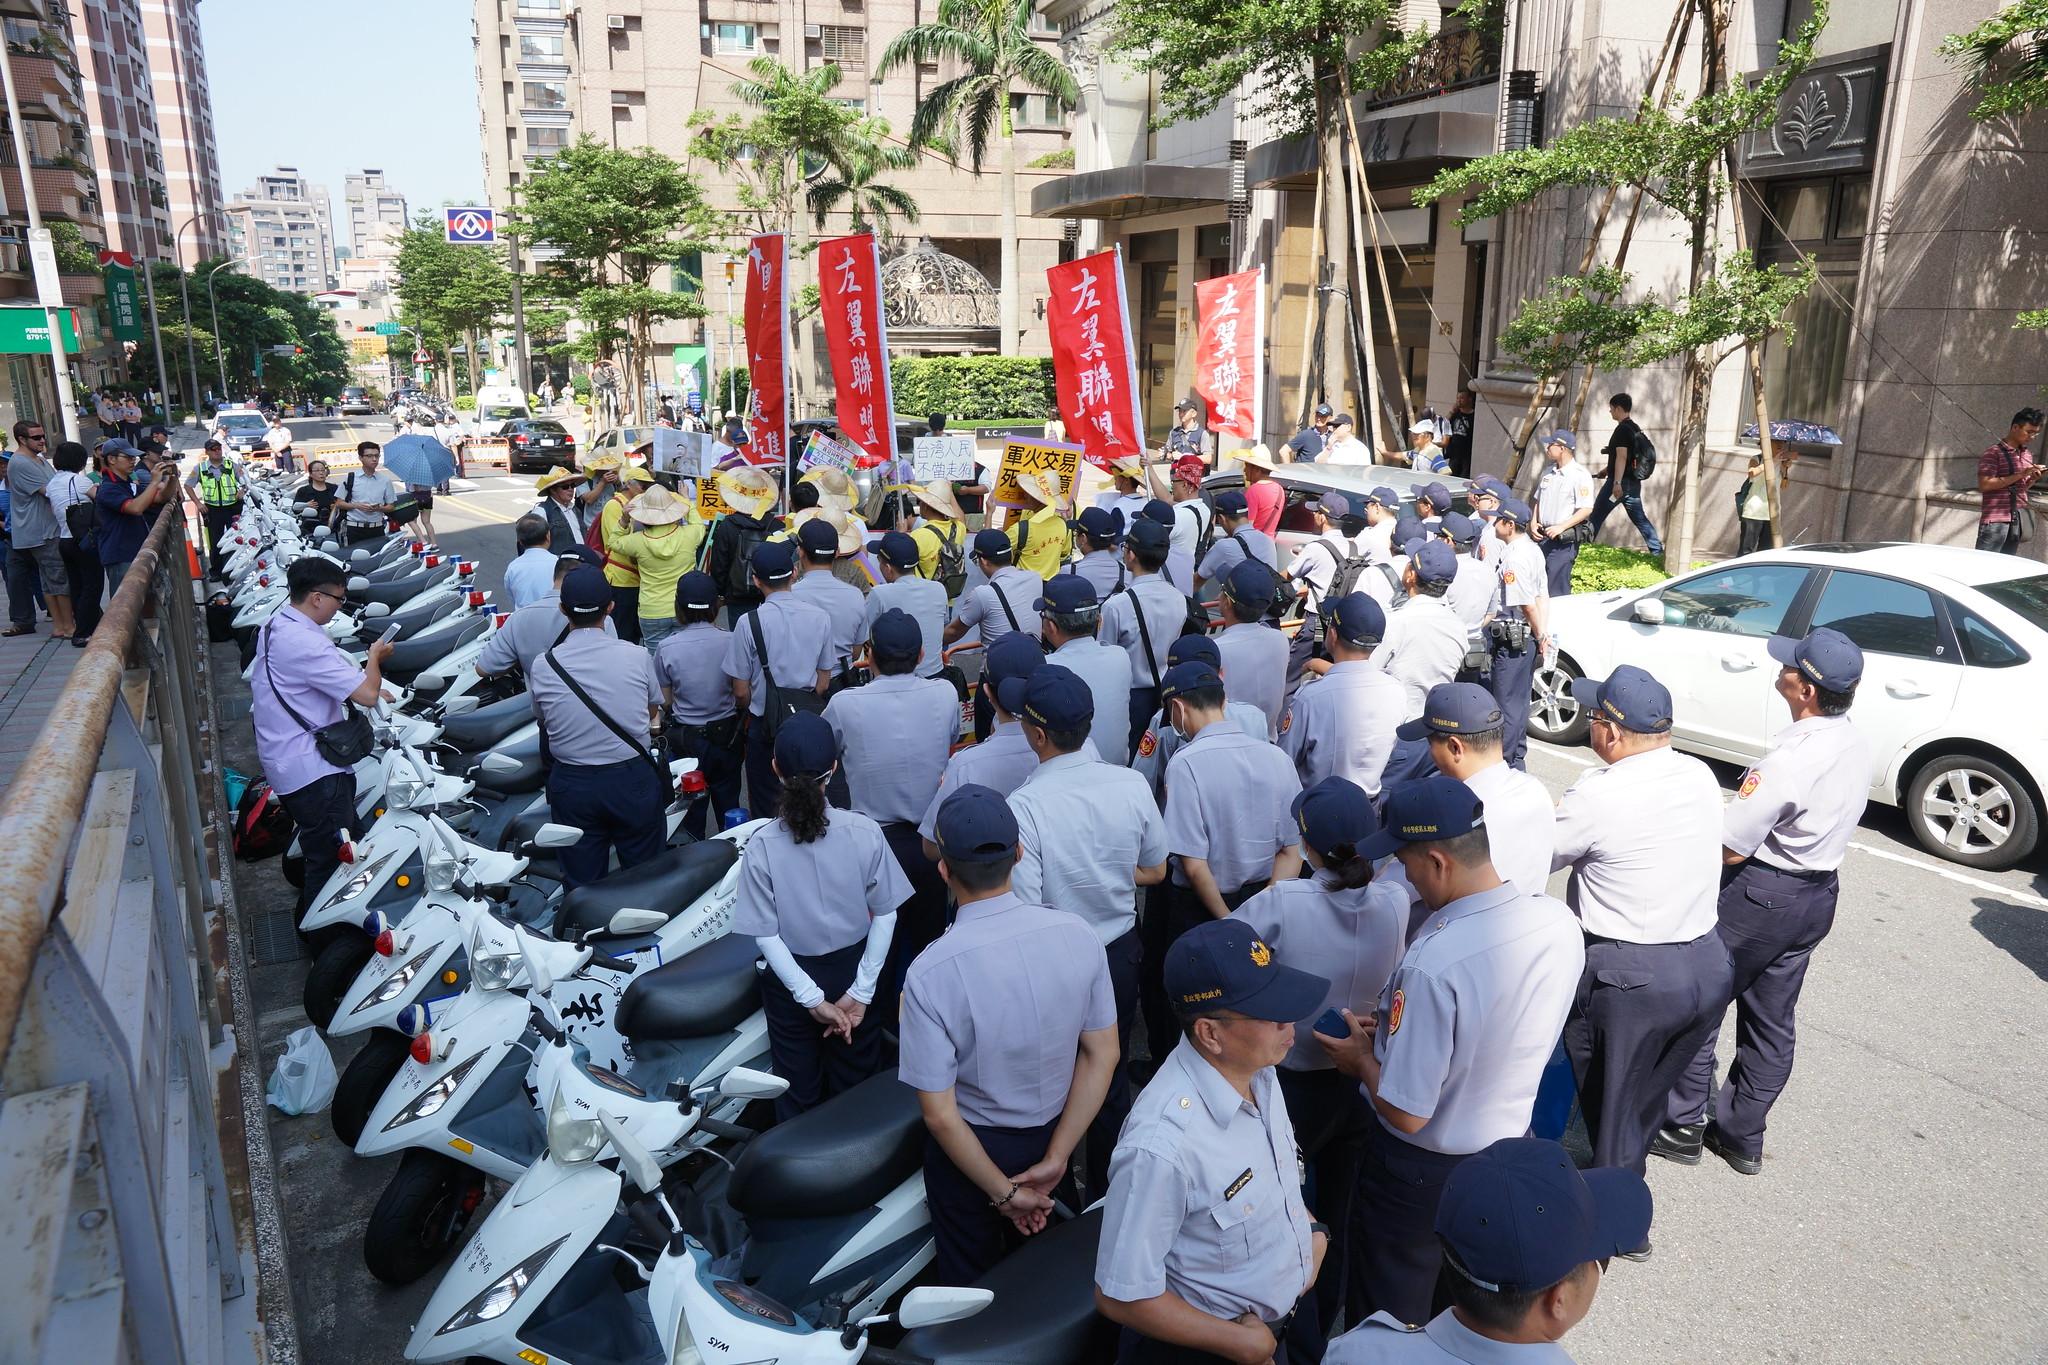 重重警力隔離三群抗議人潮。(攝影:王顥中)